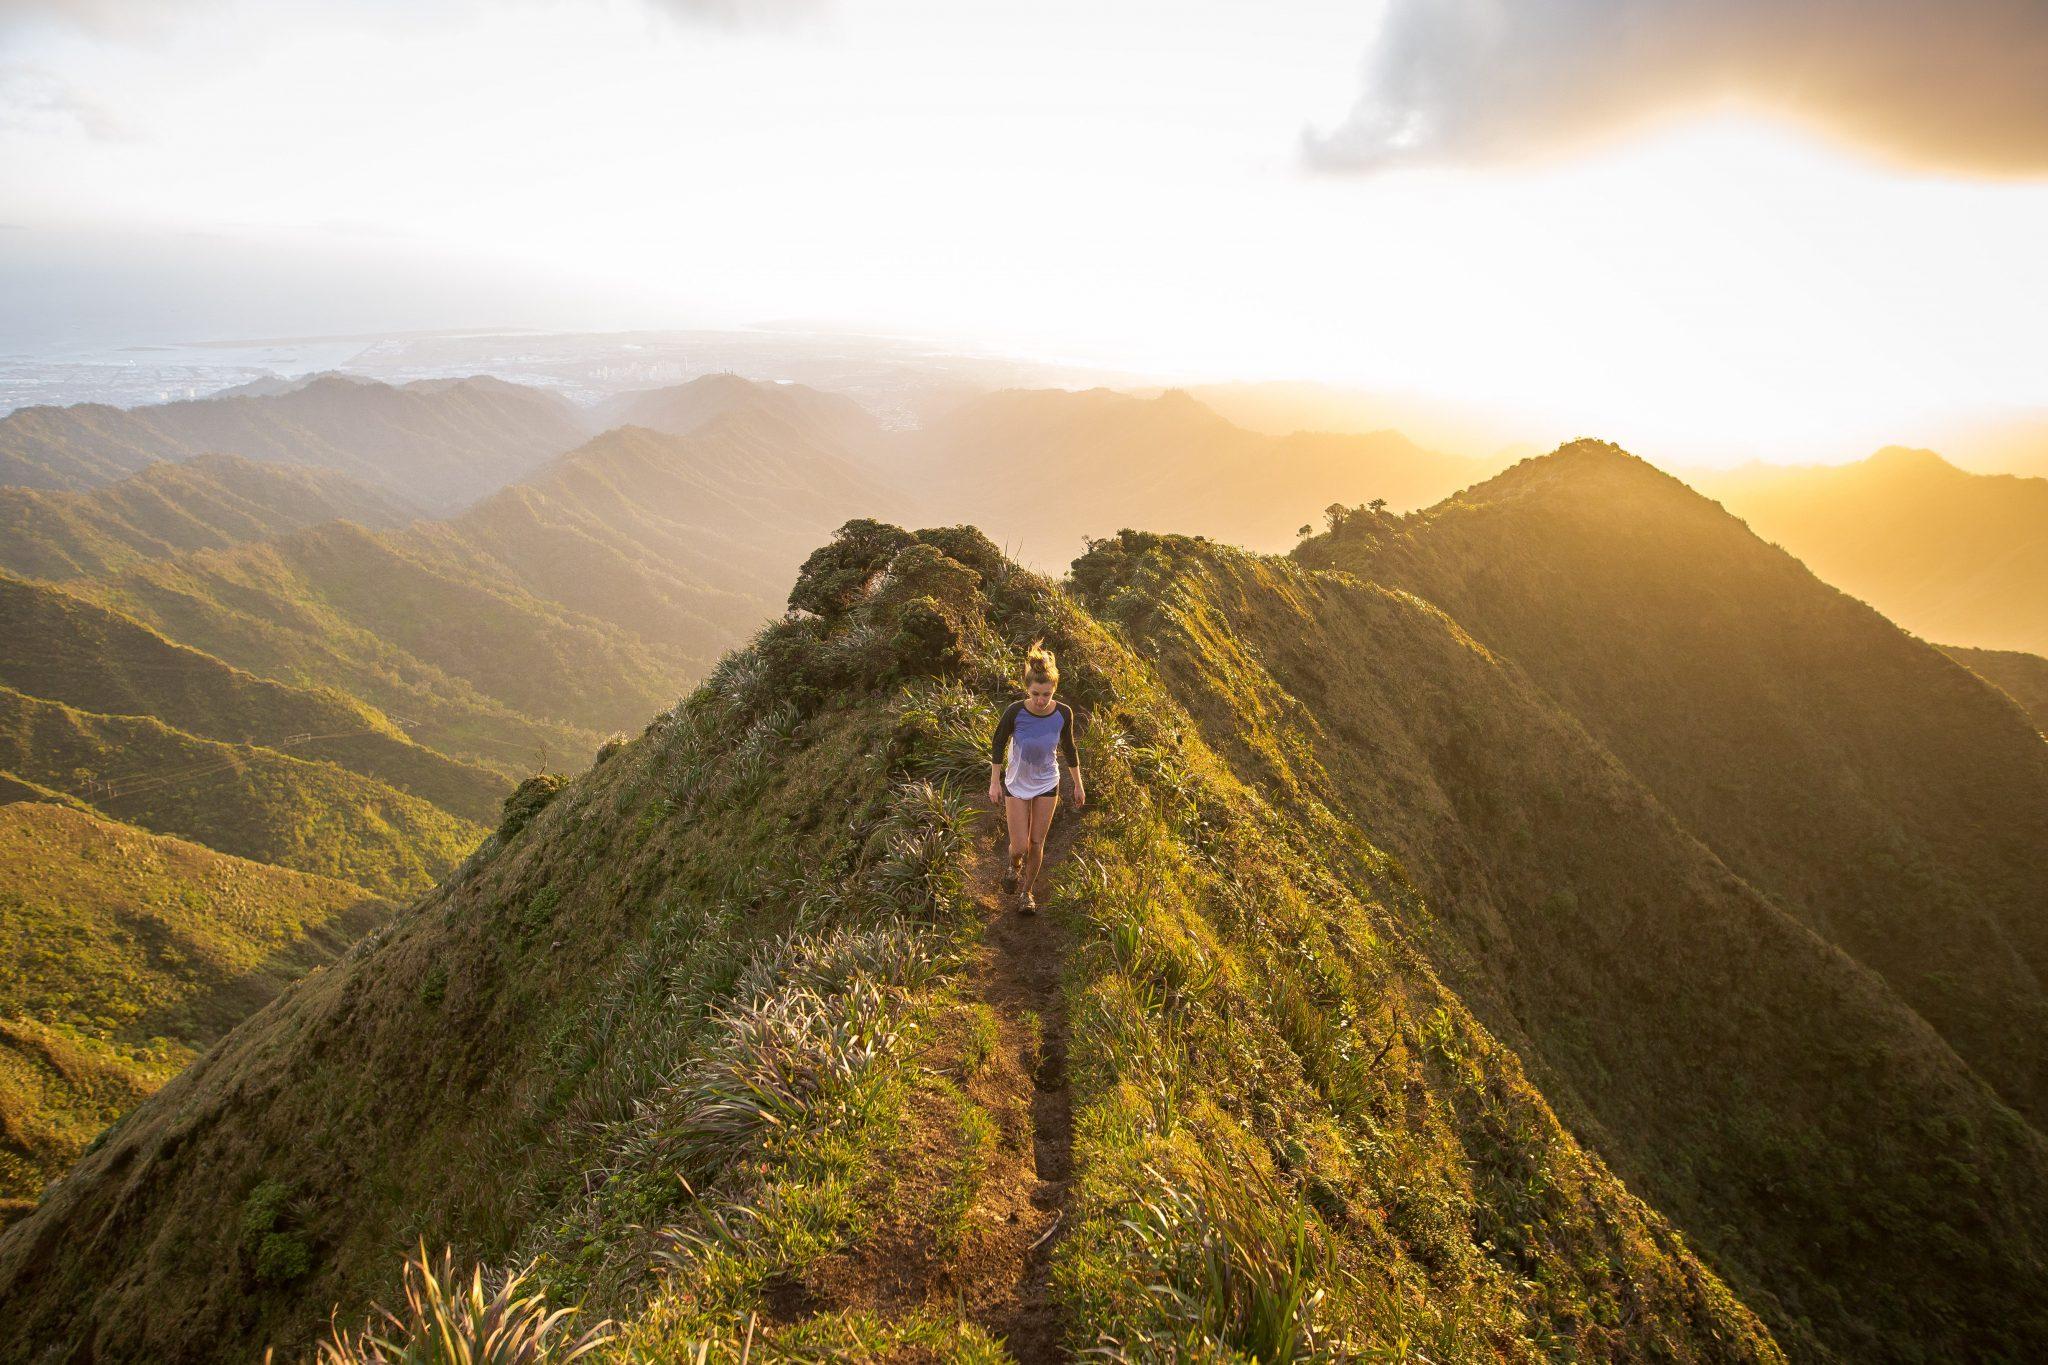 donna che passeggia sulla cima di una montagna all'aria aperta - foto in CC tatianaberlaffa.com